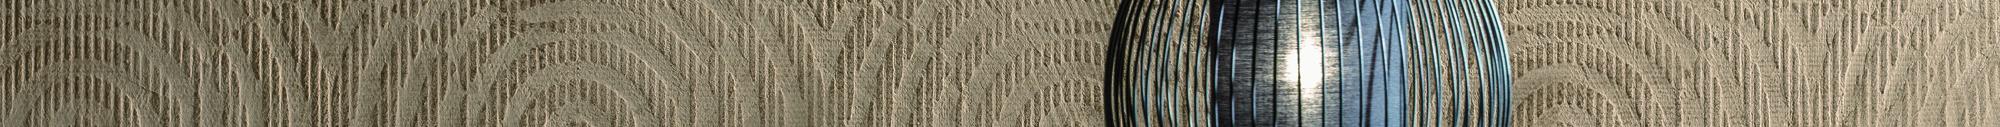 Slider kreative Maltechniken von Oskar Seus Wand mit braunem kreisförmigen Muster mit Lampe